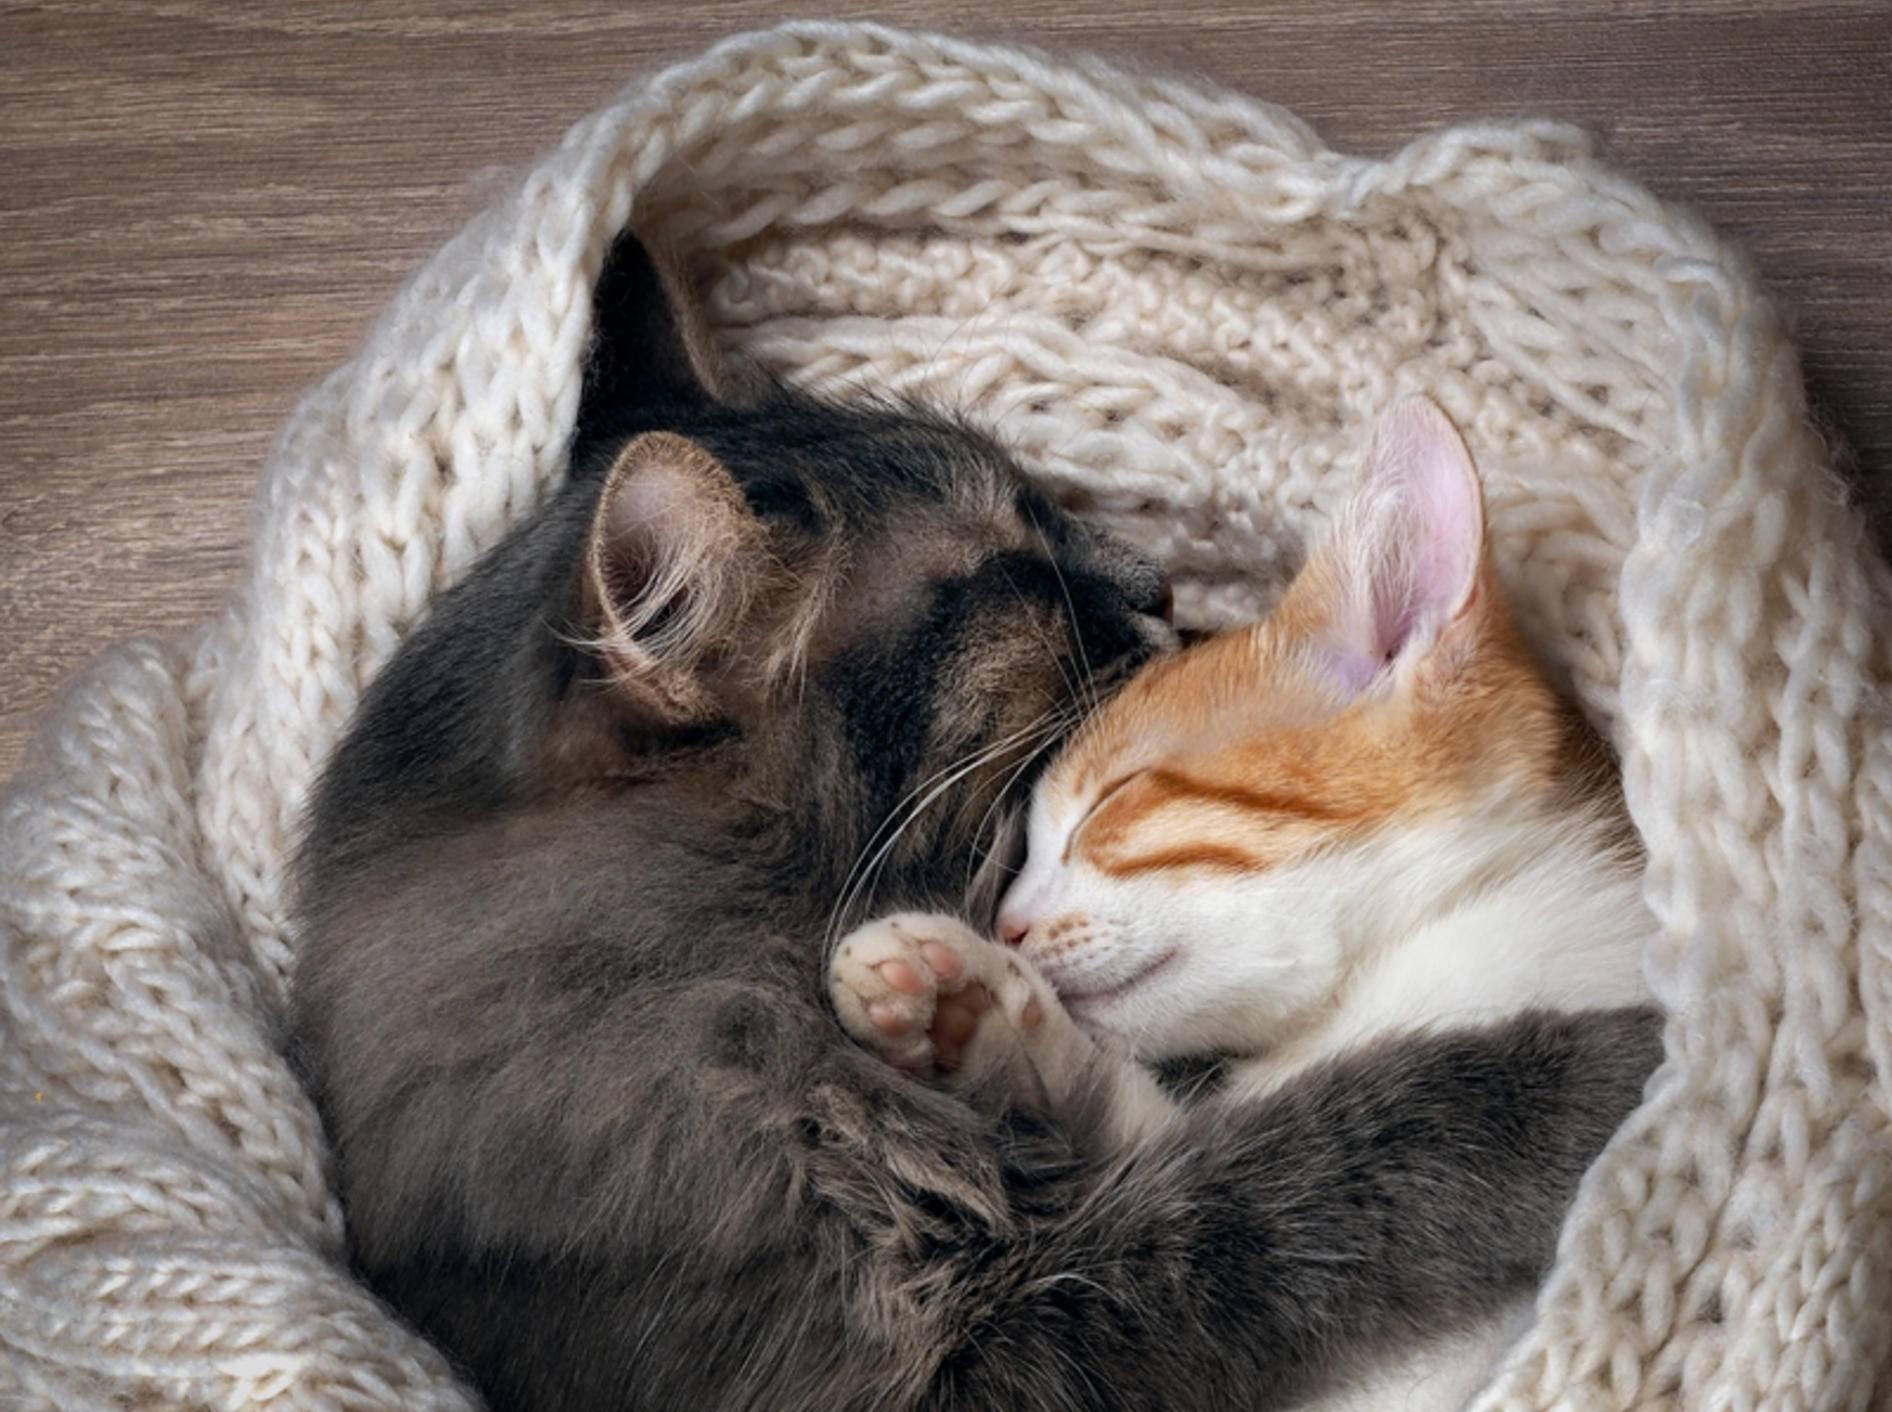 Wer kann bei diesem herzerweichenden Anblick noch behaupten, Katzen hätten keine Gefühle? – Shutterstock / Irina Kozorog